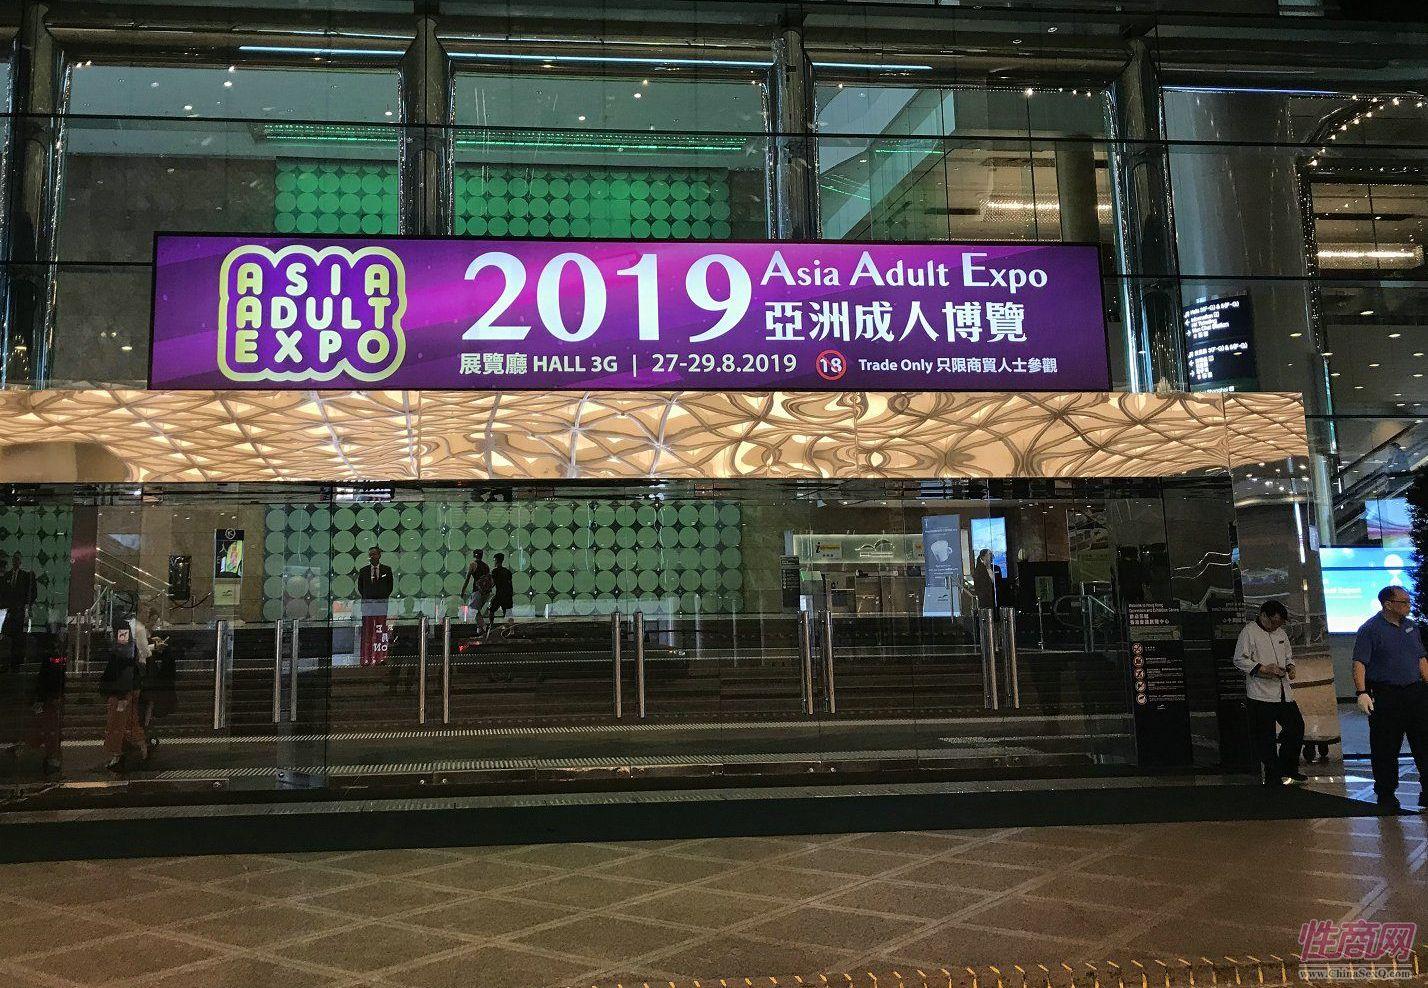 2019亚洲成人博览AAE(香港)展会图片报道